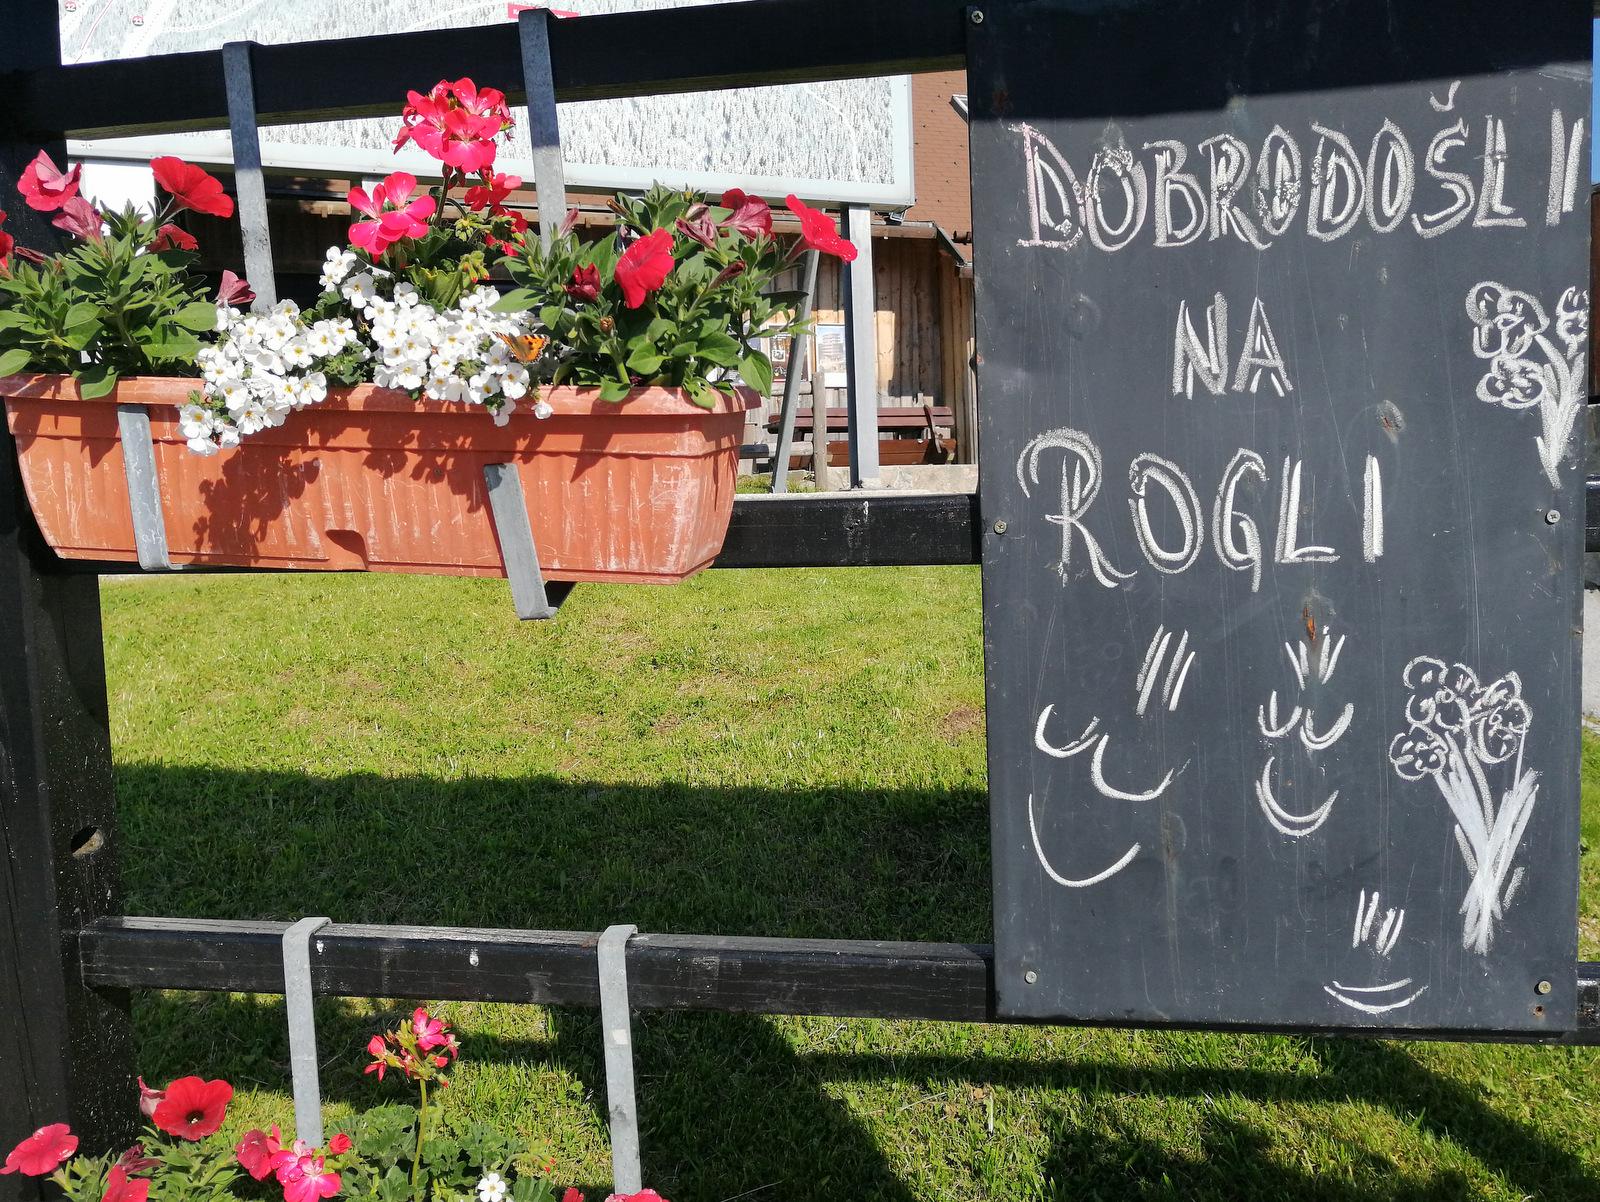 Dobrodošli na Rogli